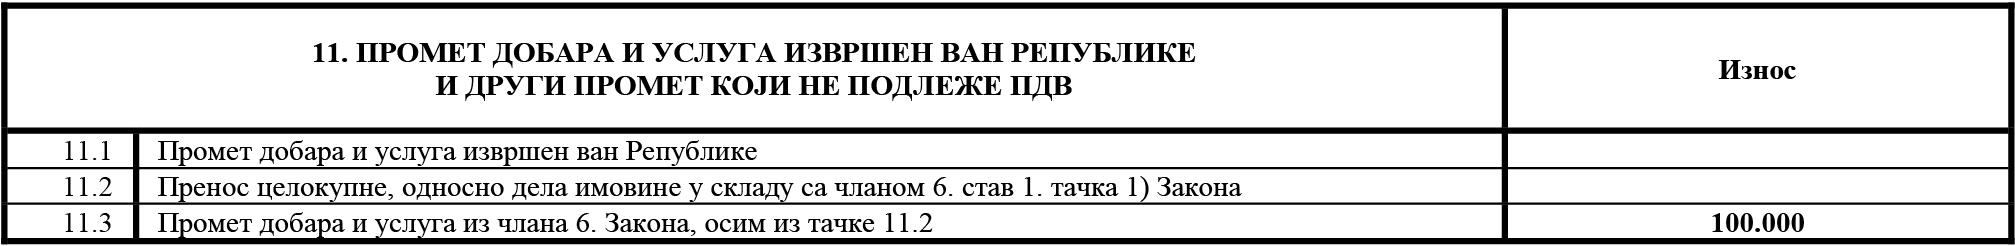 uputstvo PU obrazac POPDV primer 139